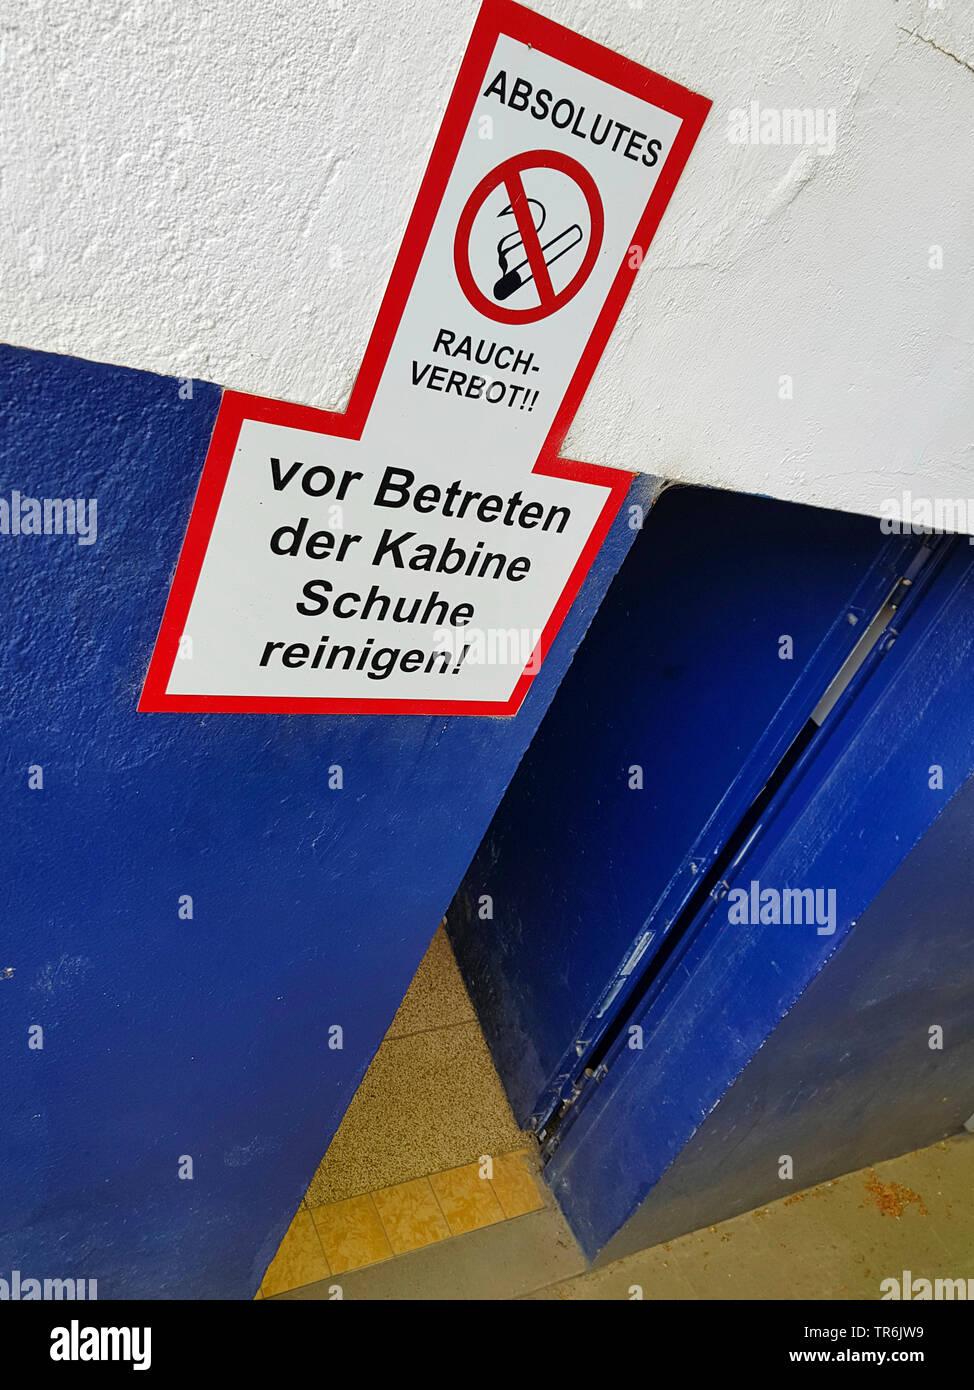 Tuer zu einer Umkleide mit dem Schildern Rauchverbot und Schuhe reinigen, Deutschland | signs at the door to a changing room, no smoking, clean your s - Stock Image